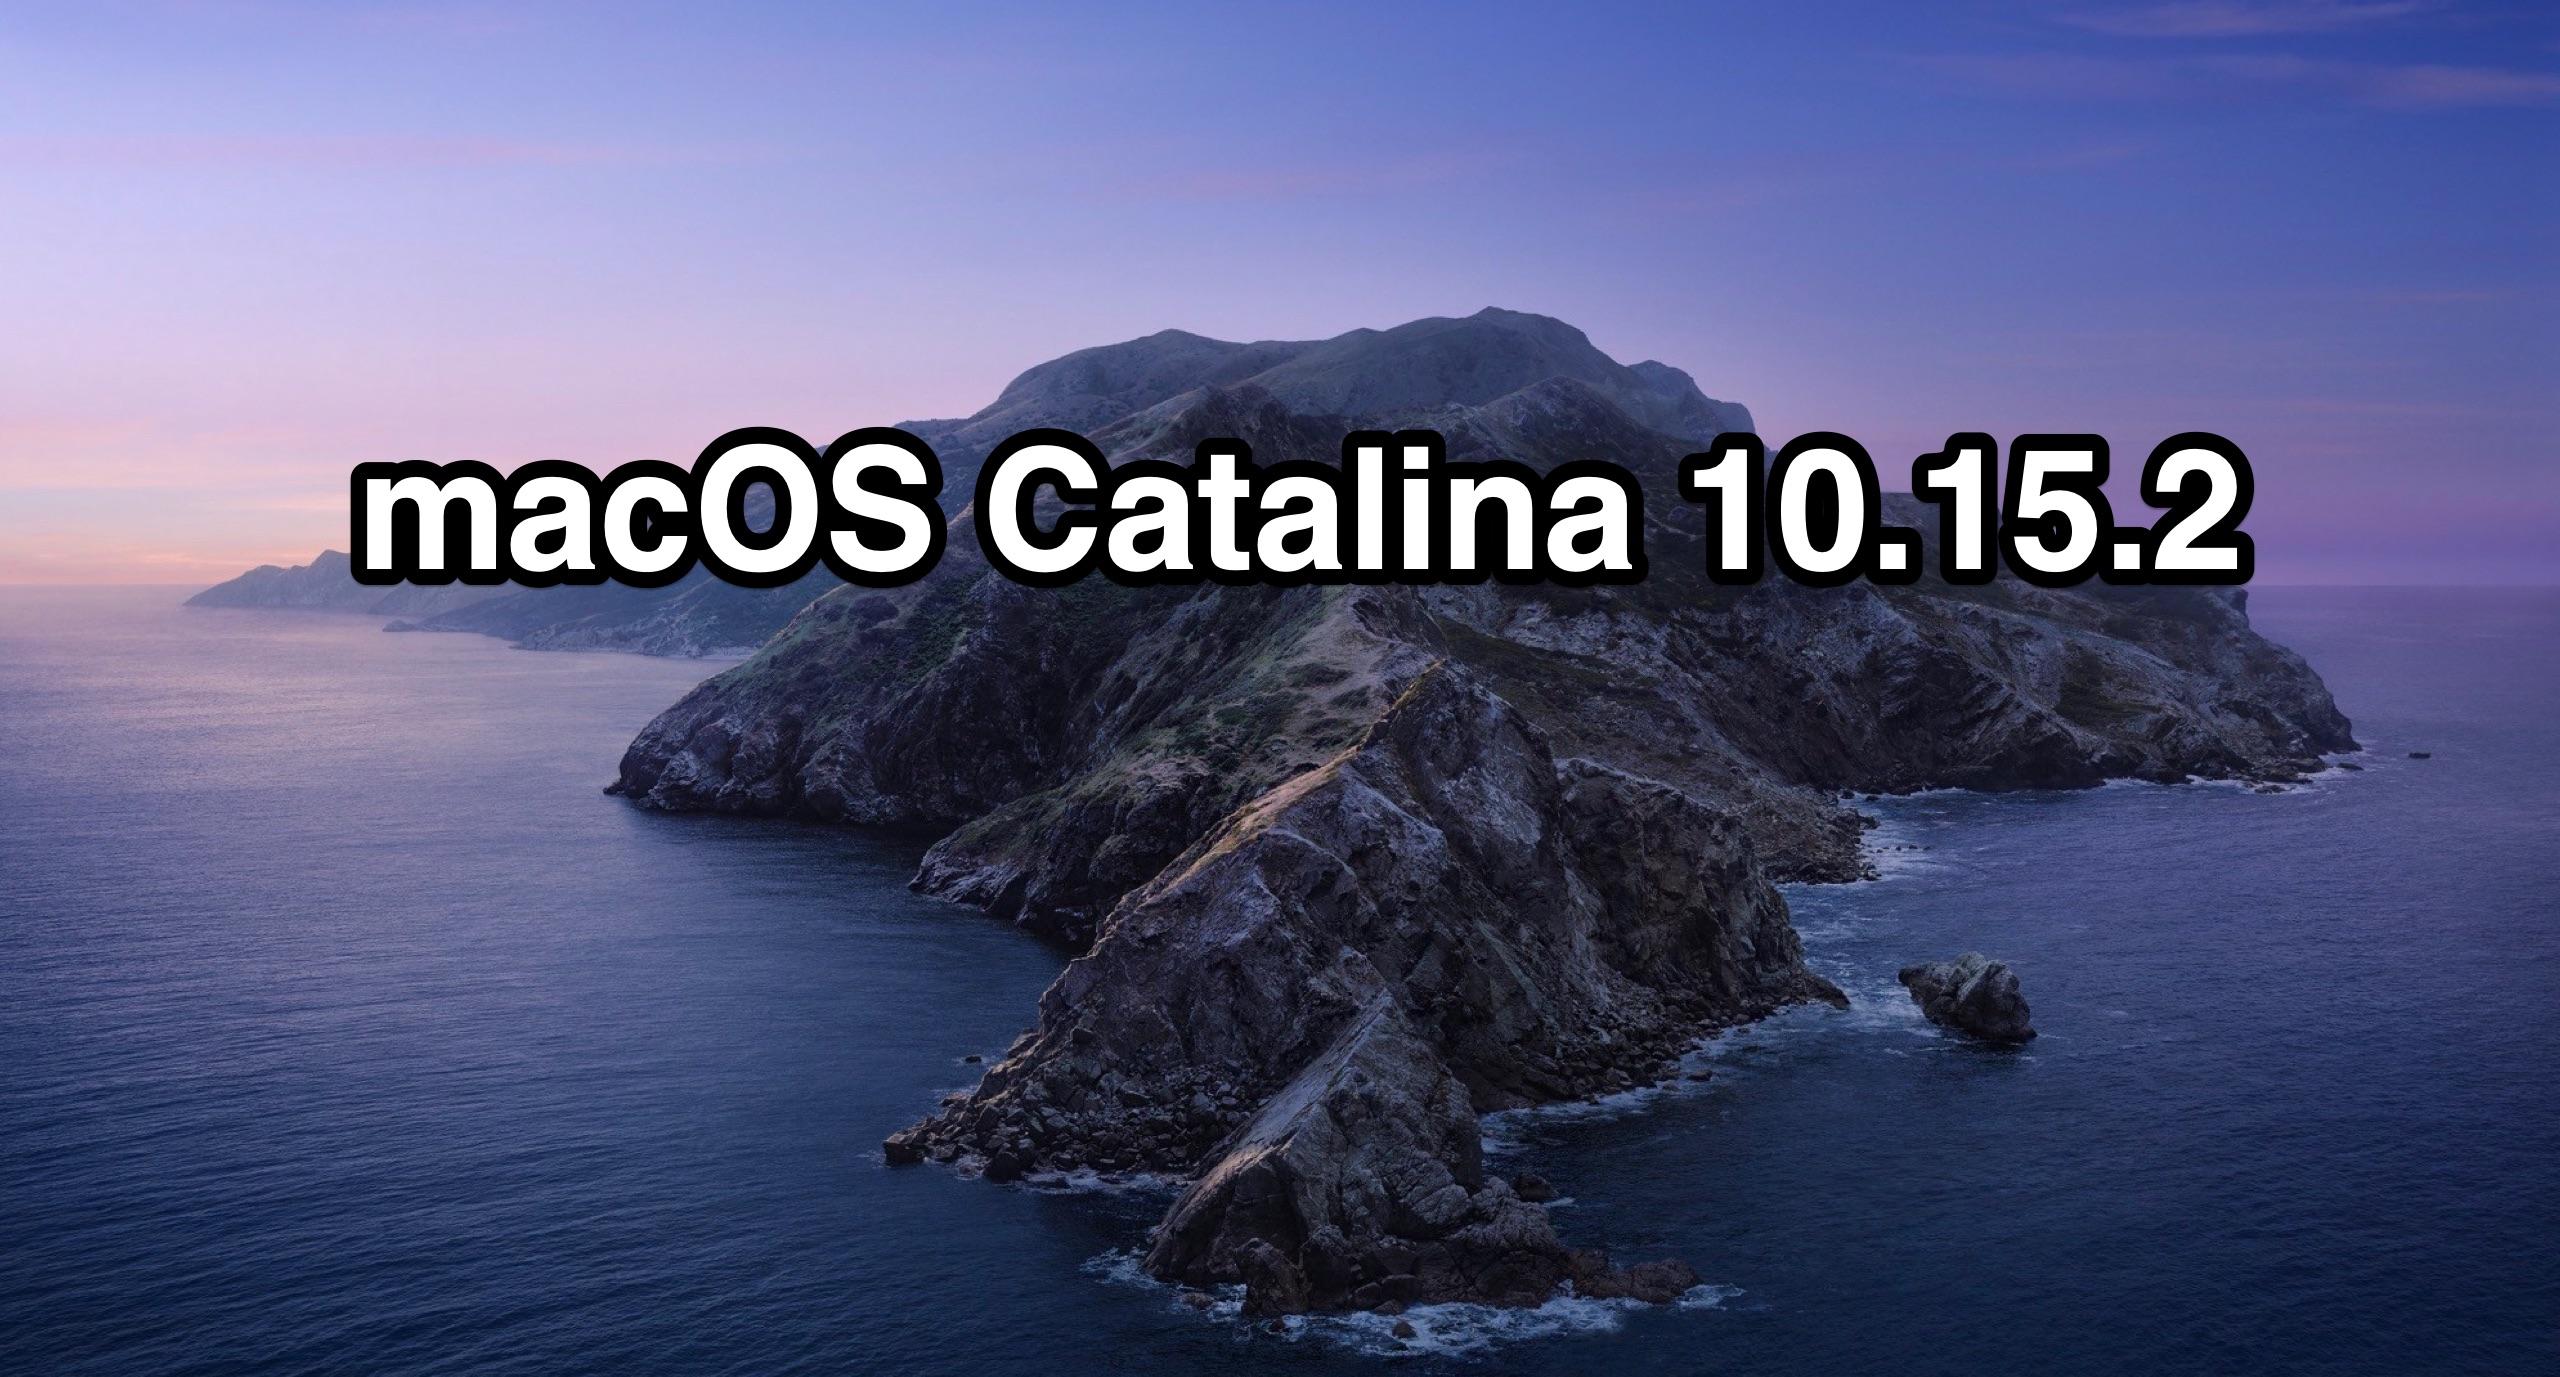 MacOS Catalina 10.15.2 Actualización lanzada para Mac y actualizaciones de seguridad para MacOS anteriores